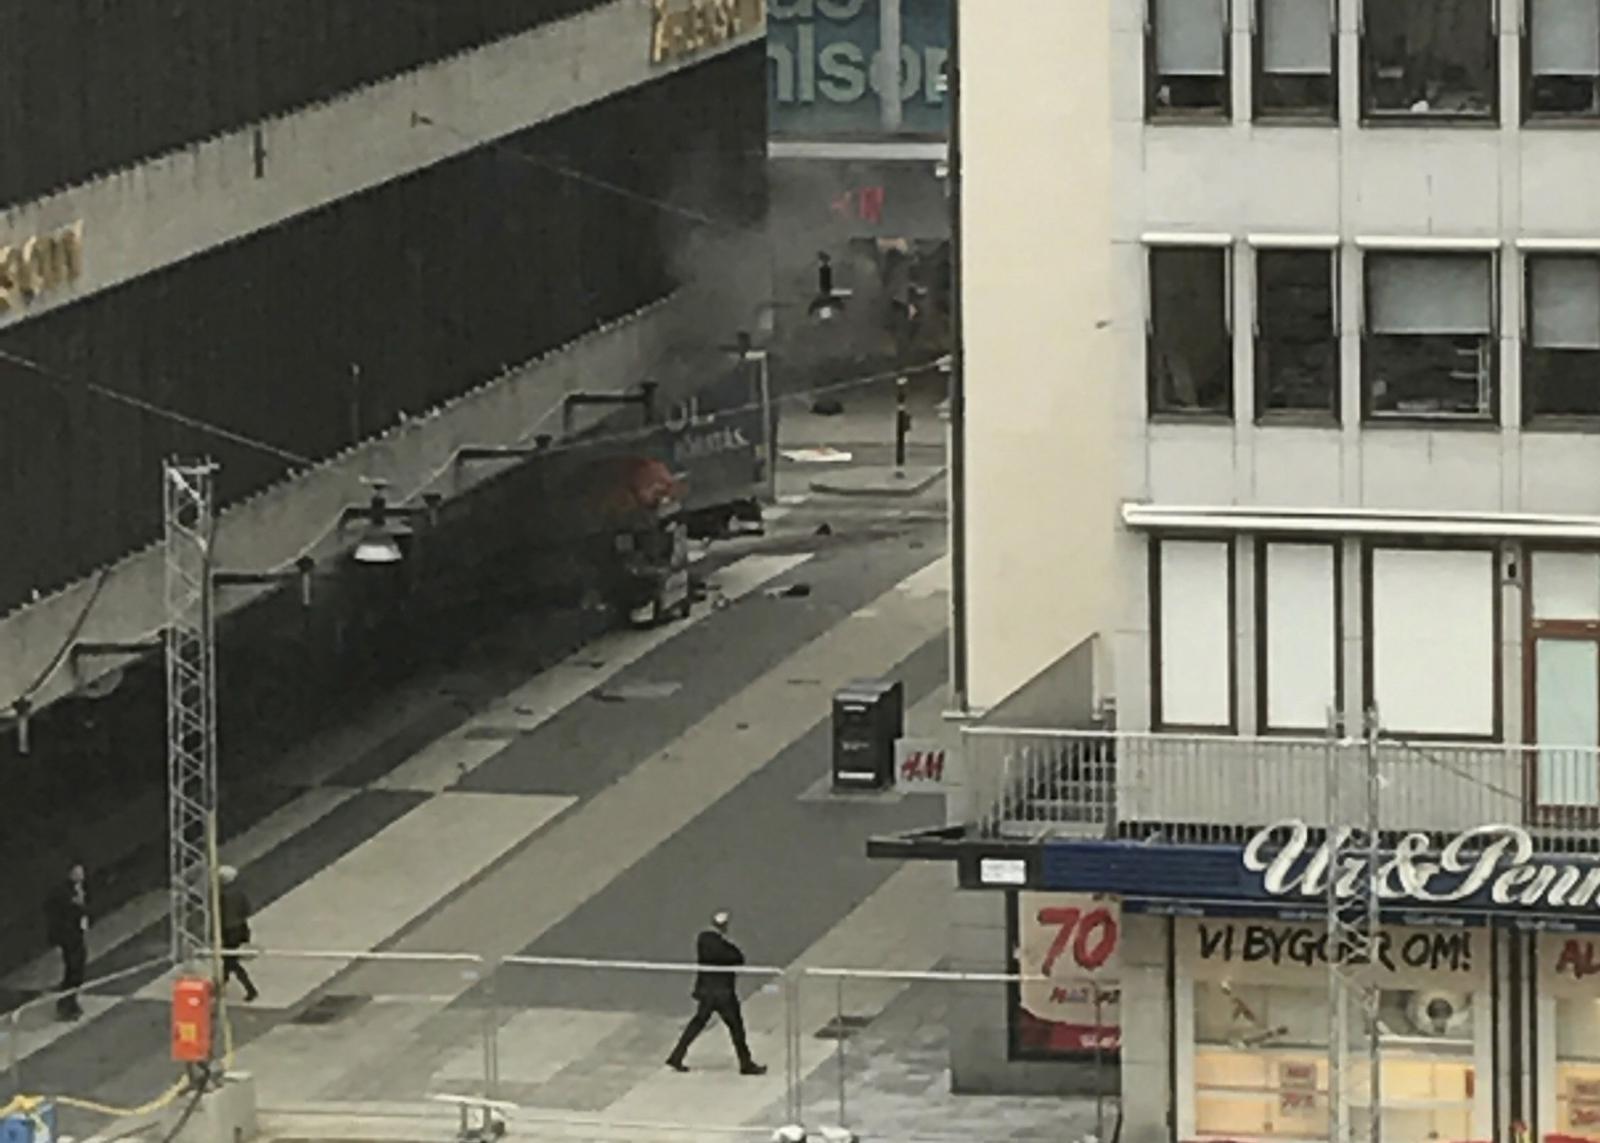 Ciężarówka wjechała w dom towarowy w Sztokholmie. Fot. PAP/EPA/ANDREAS SCHYMAN  SWEDEN OUT